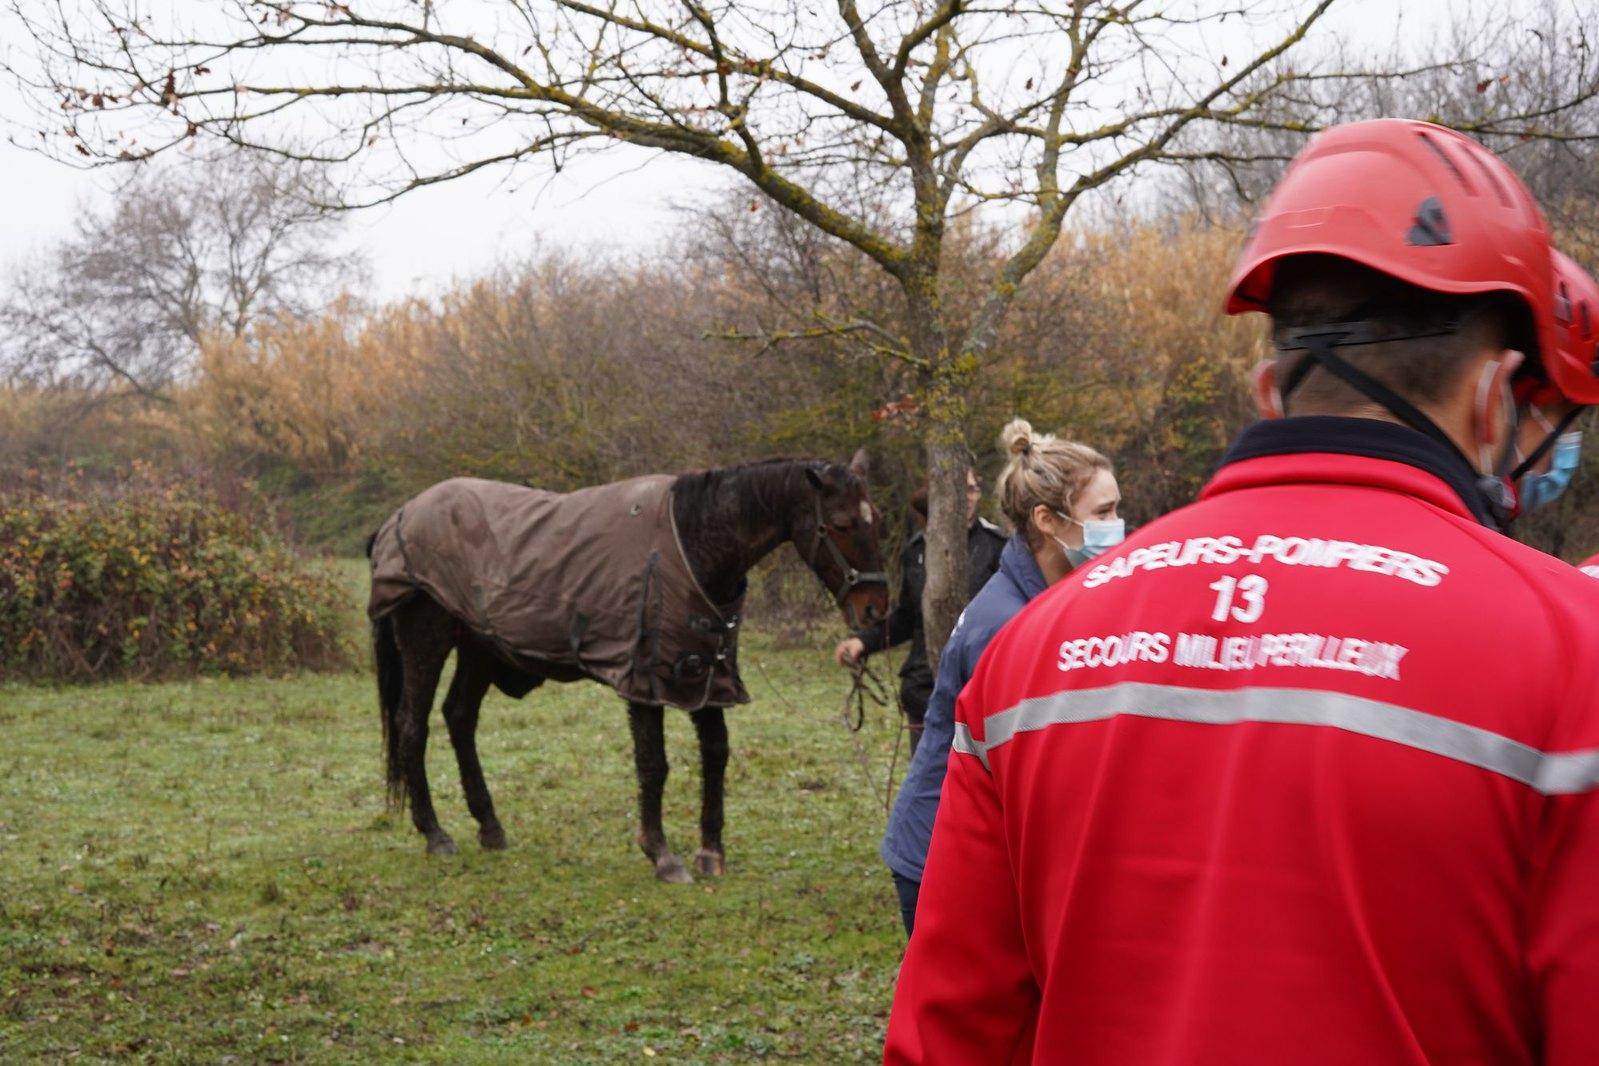 Sauvetage d'un cheval à Châteauneuf-les-Martigues